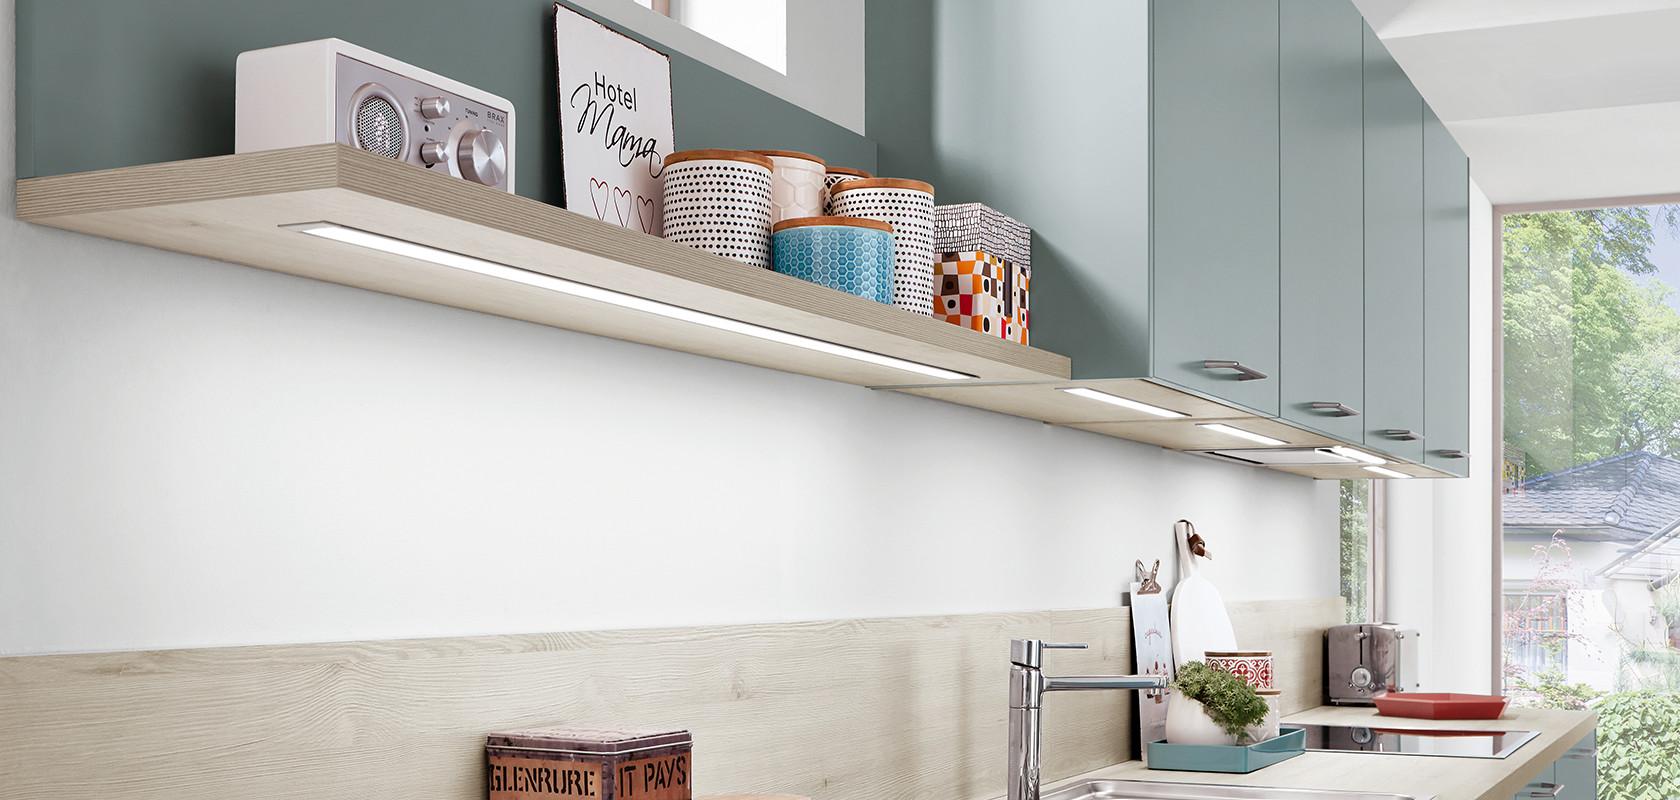 Full Size of Led Panel Für Küche Osram Led Panel Küche Led Unterbauleuchte Küche Panel Led Panel 120x60 Küche Küche Led Panel Küche